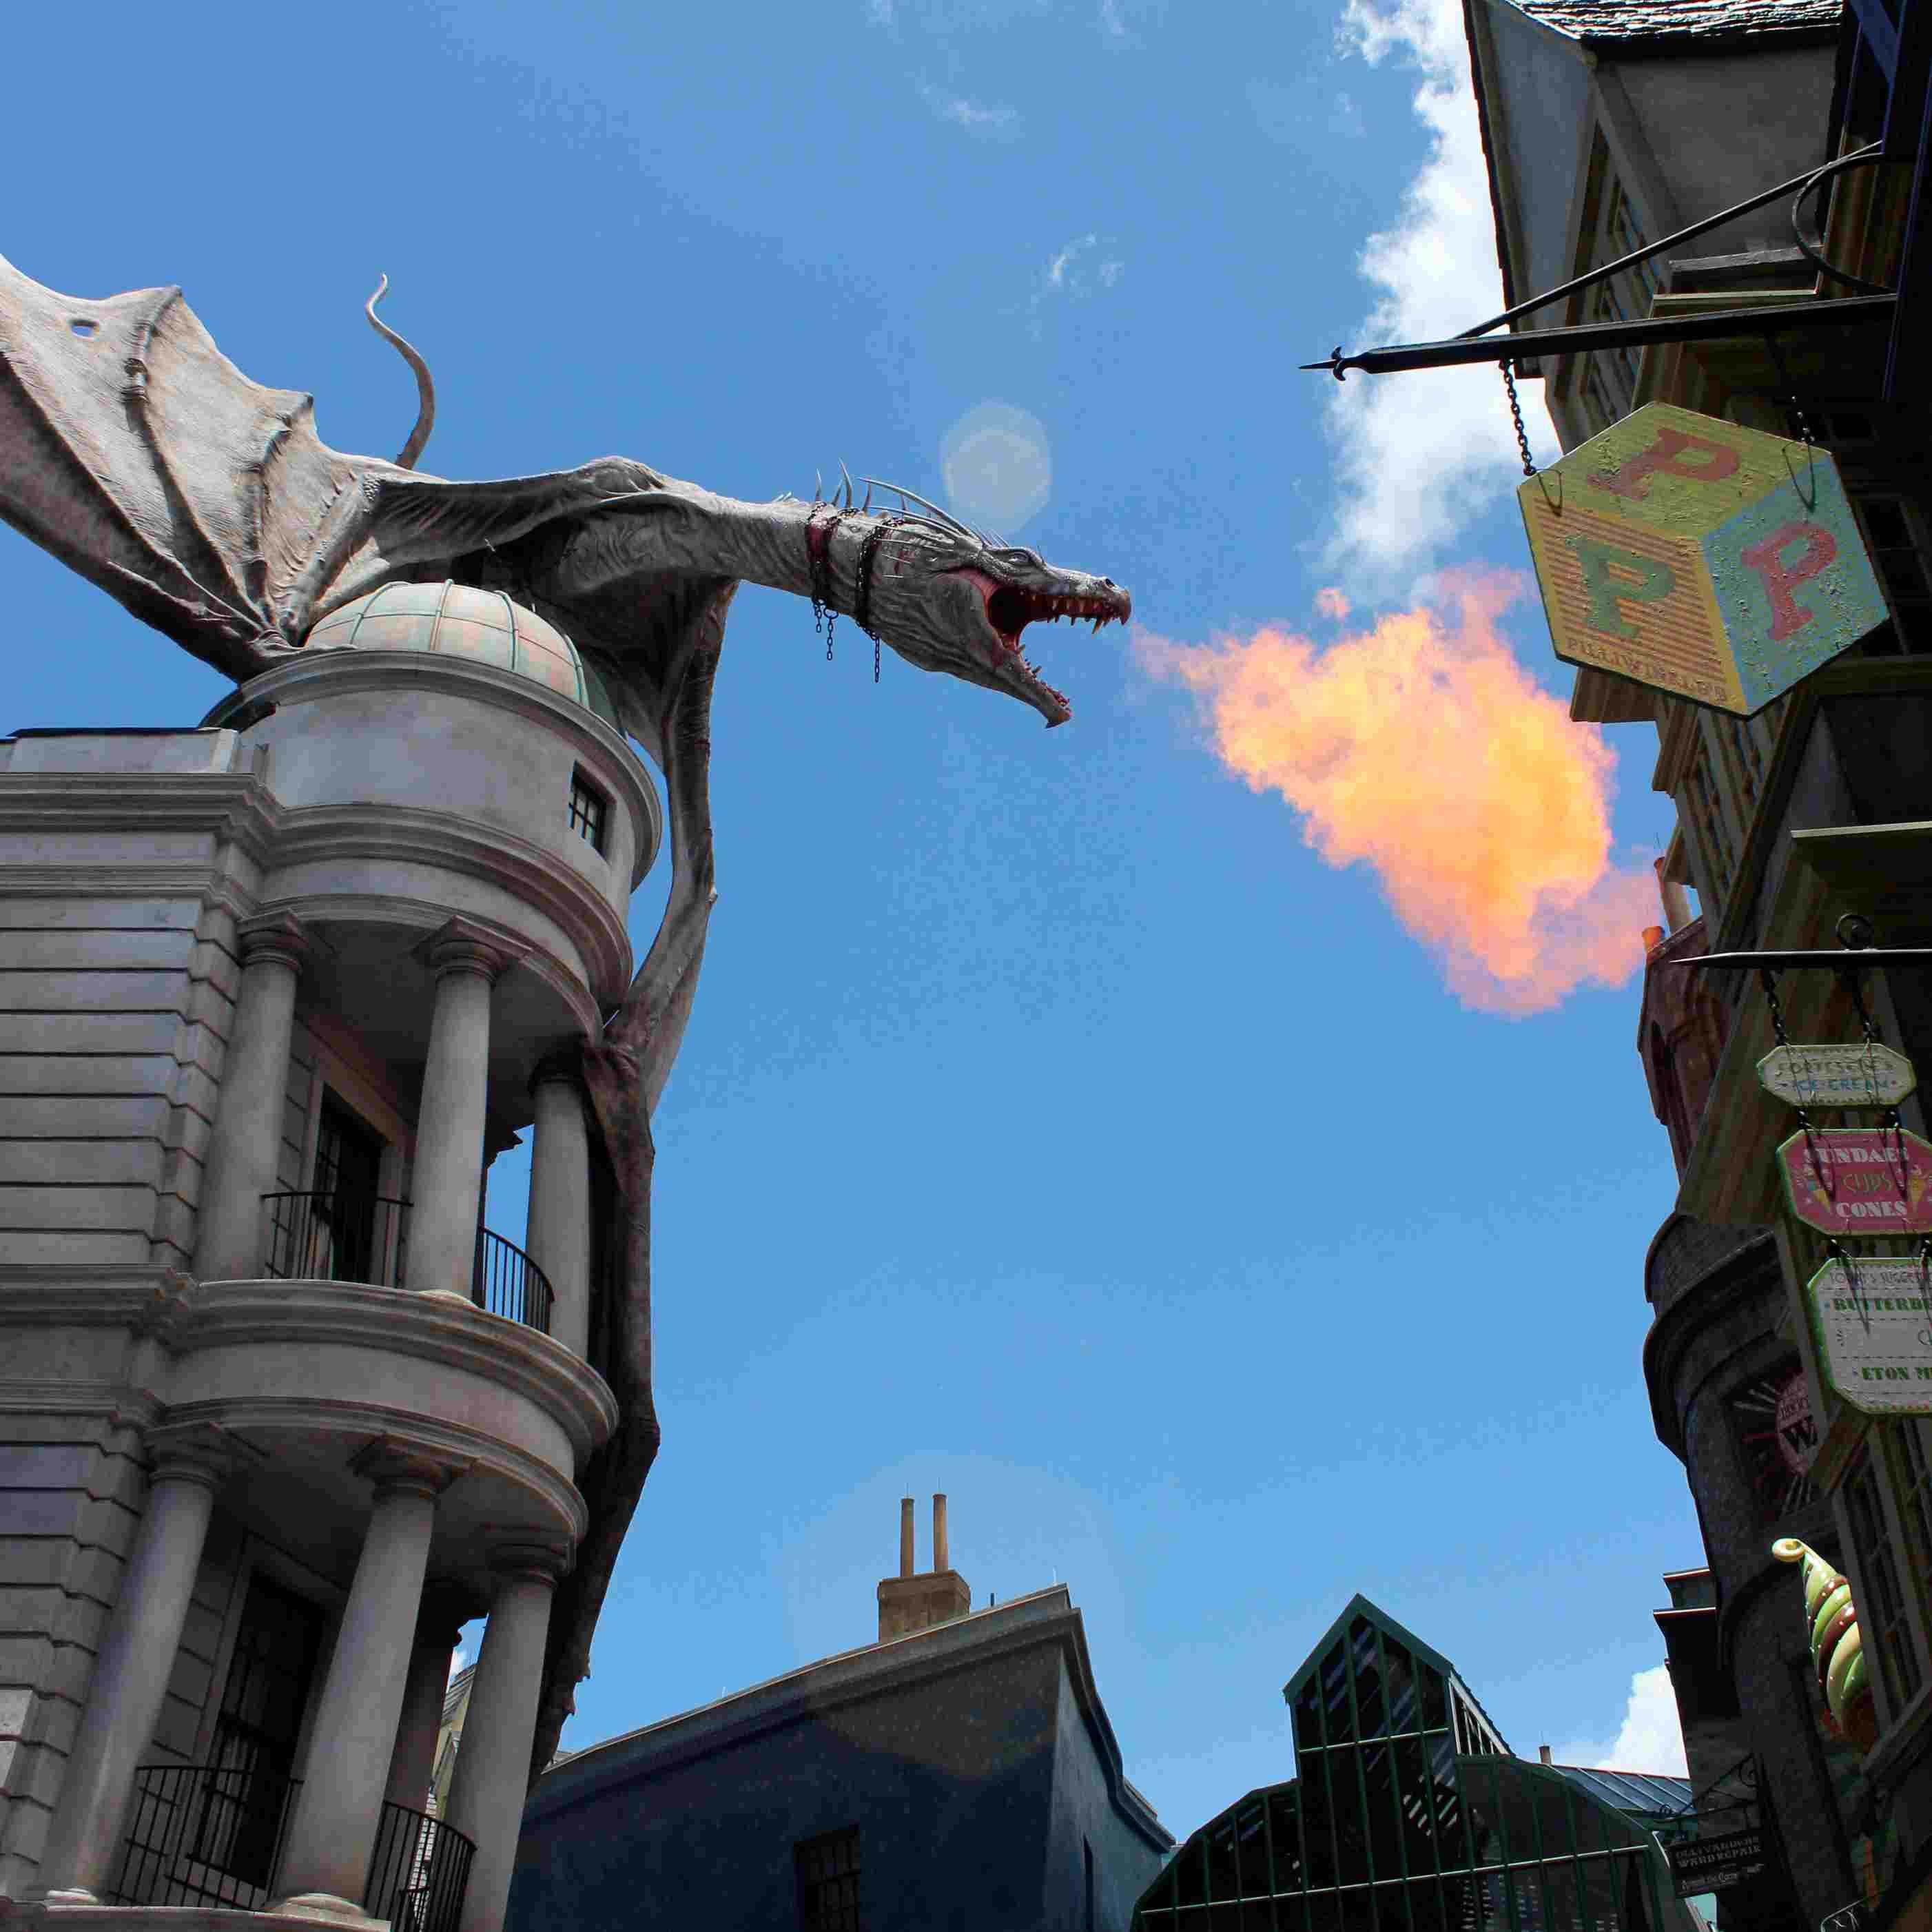 Diagon-Alley-Fire-Breathing-Dragon.jpg